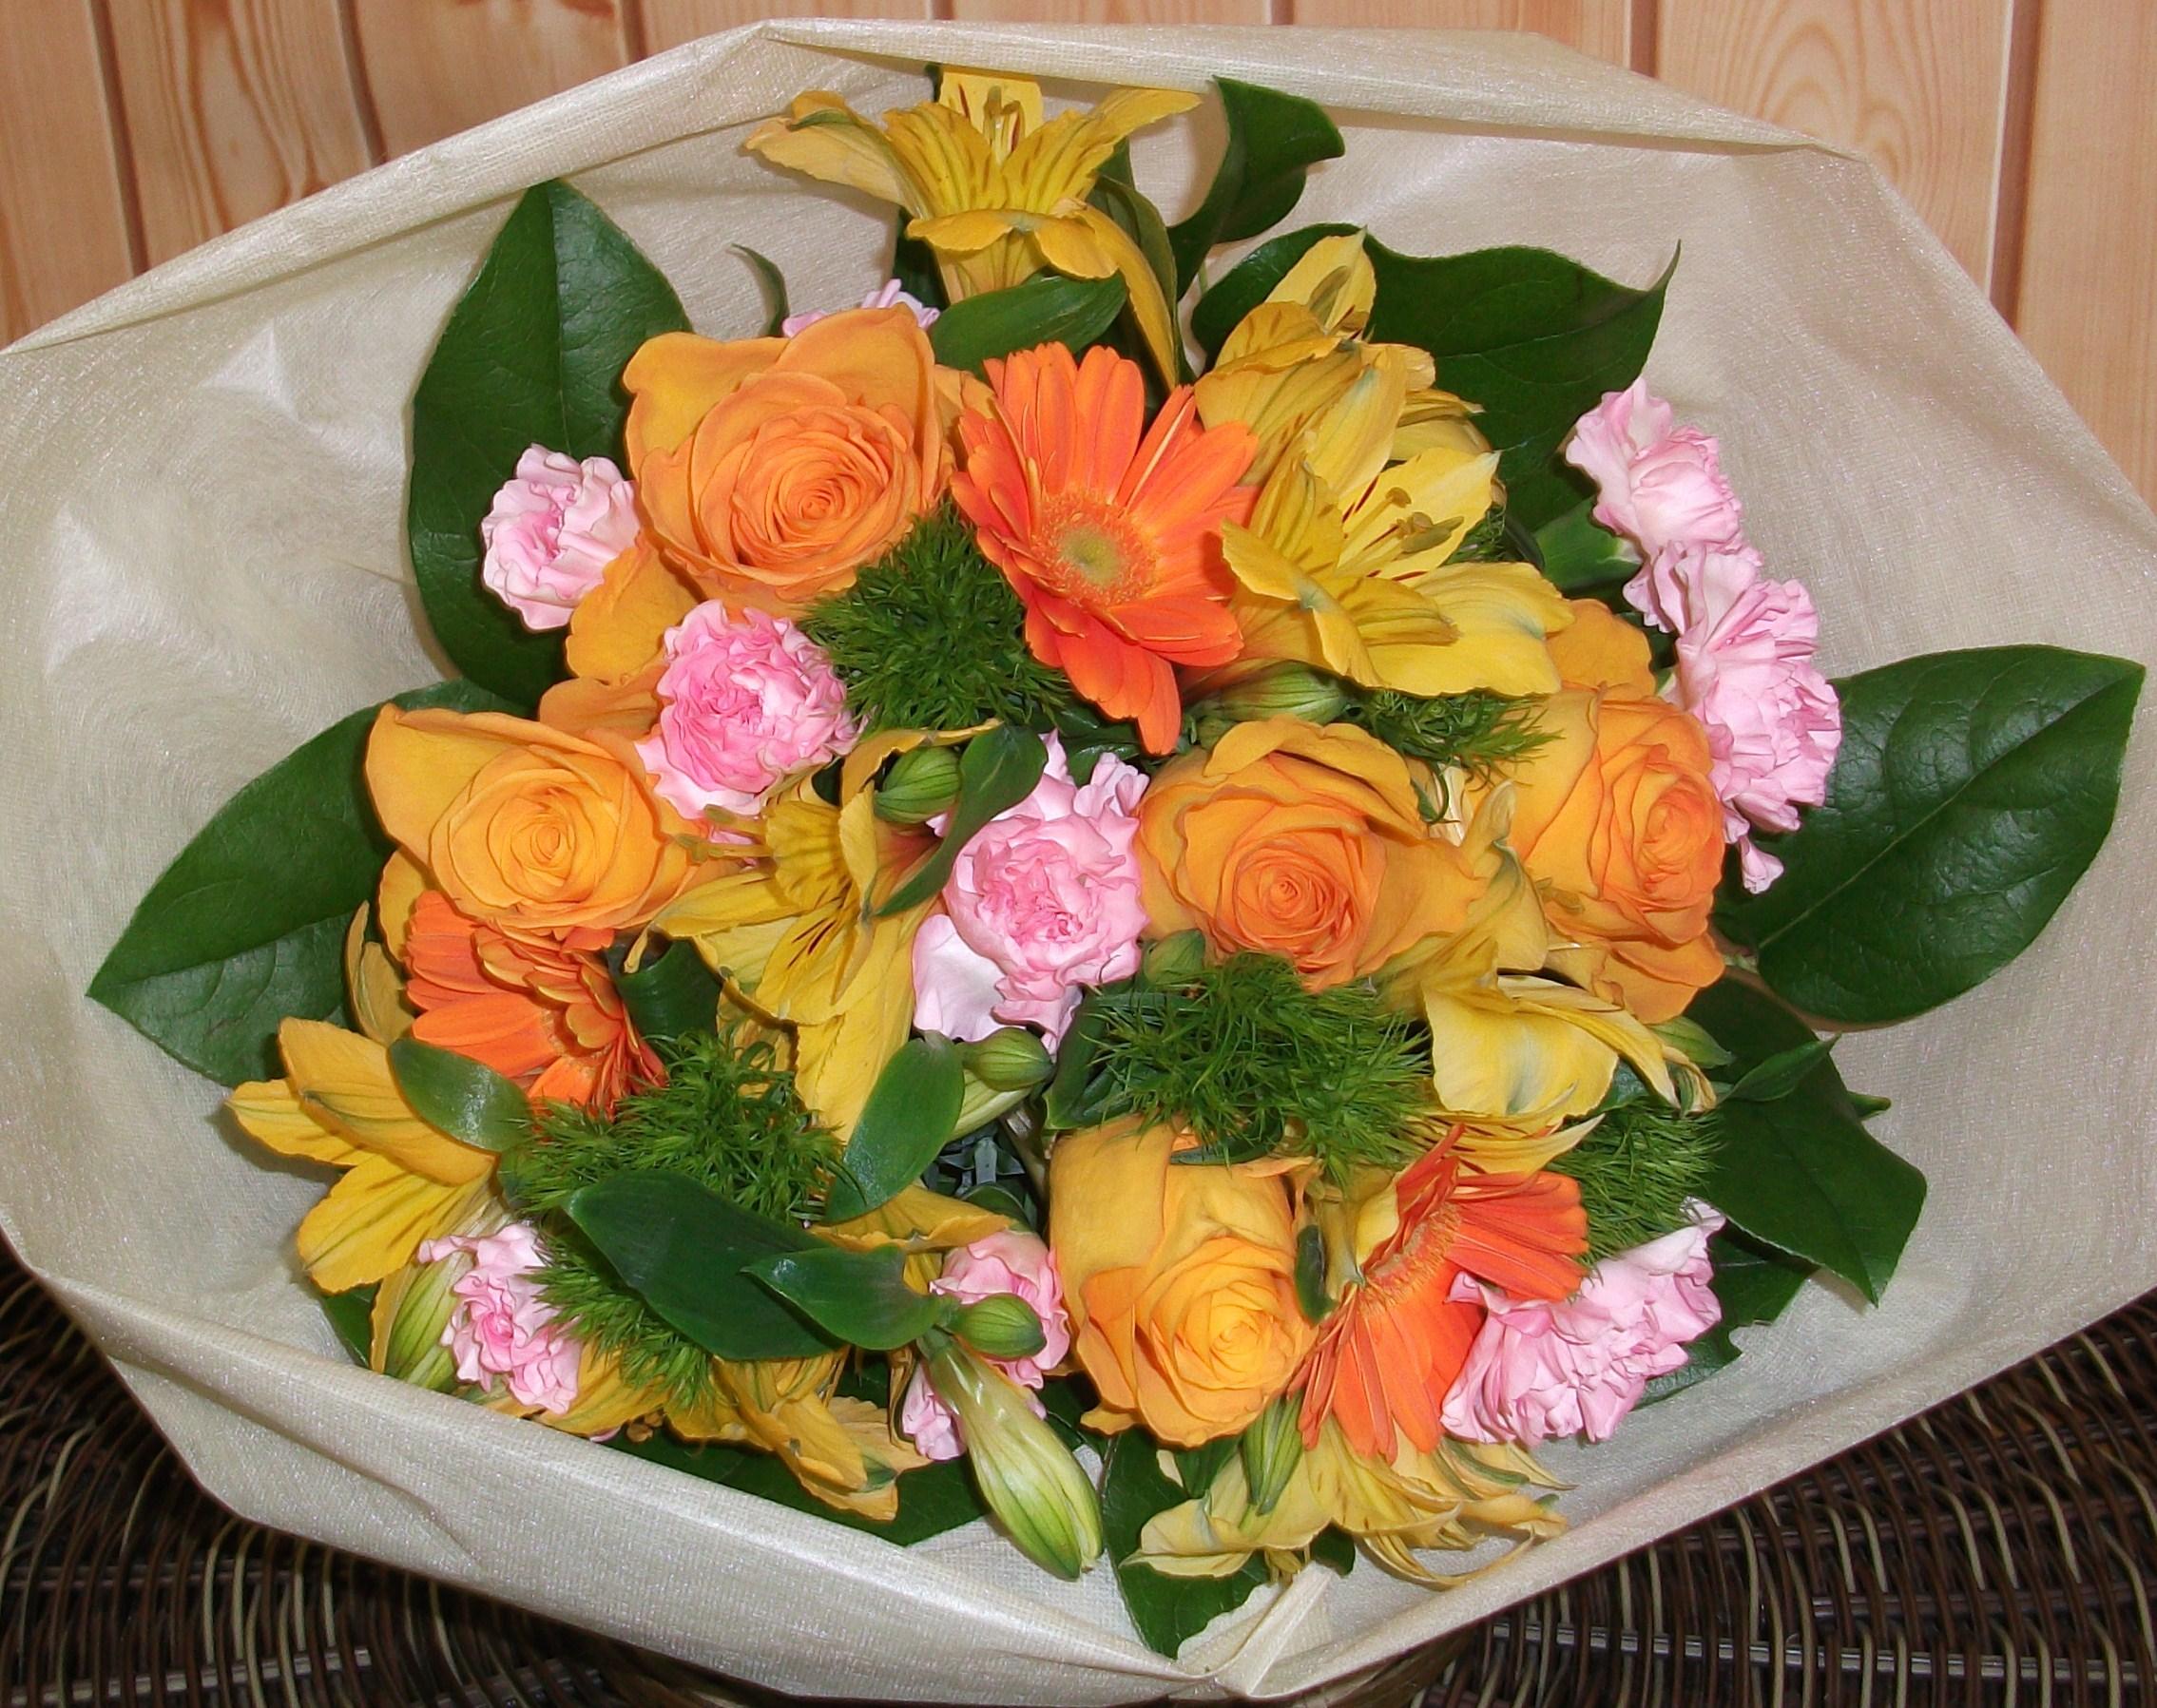 4200円のおまかせ春らしい花束